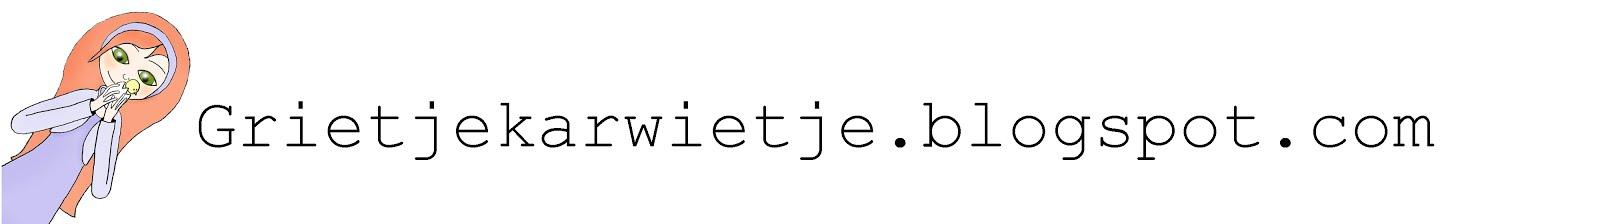 Grietjekarwietje.blogspot.com